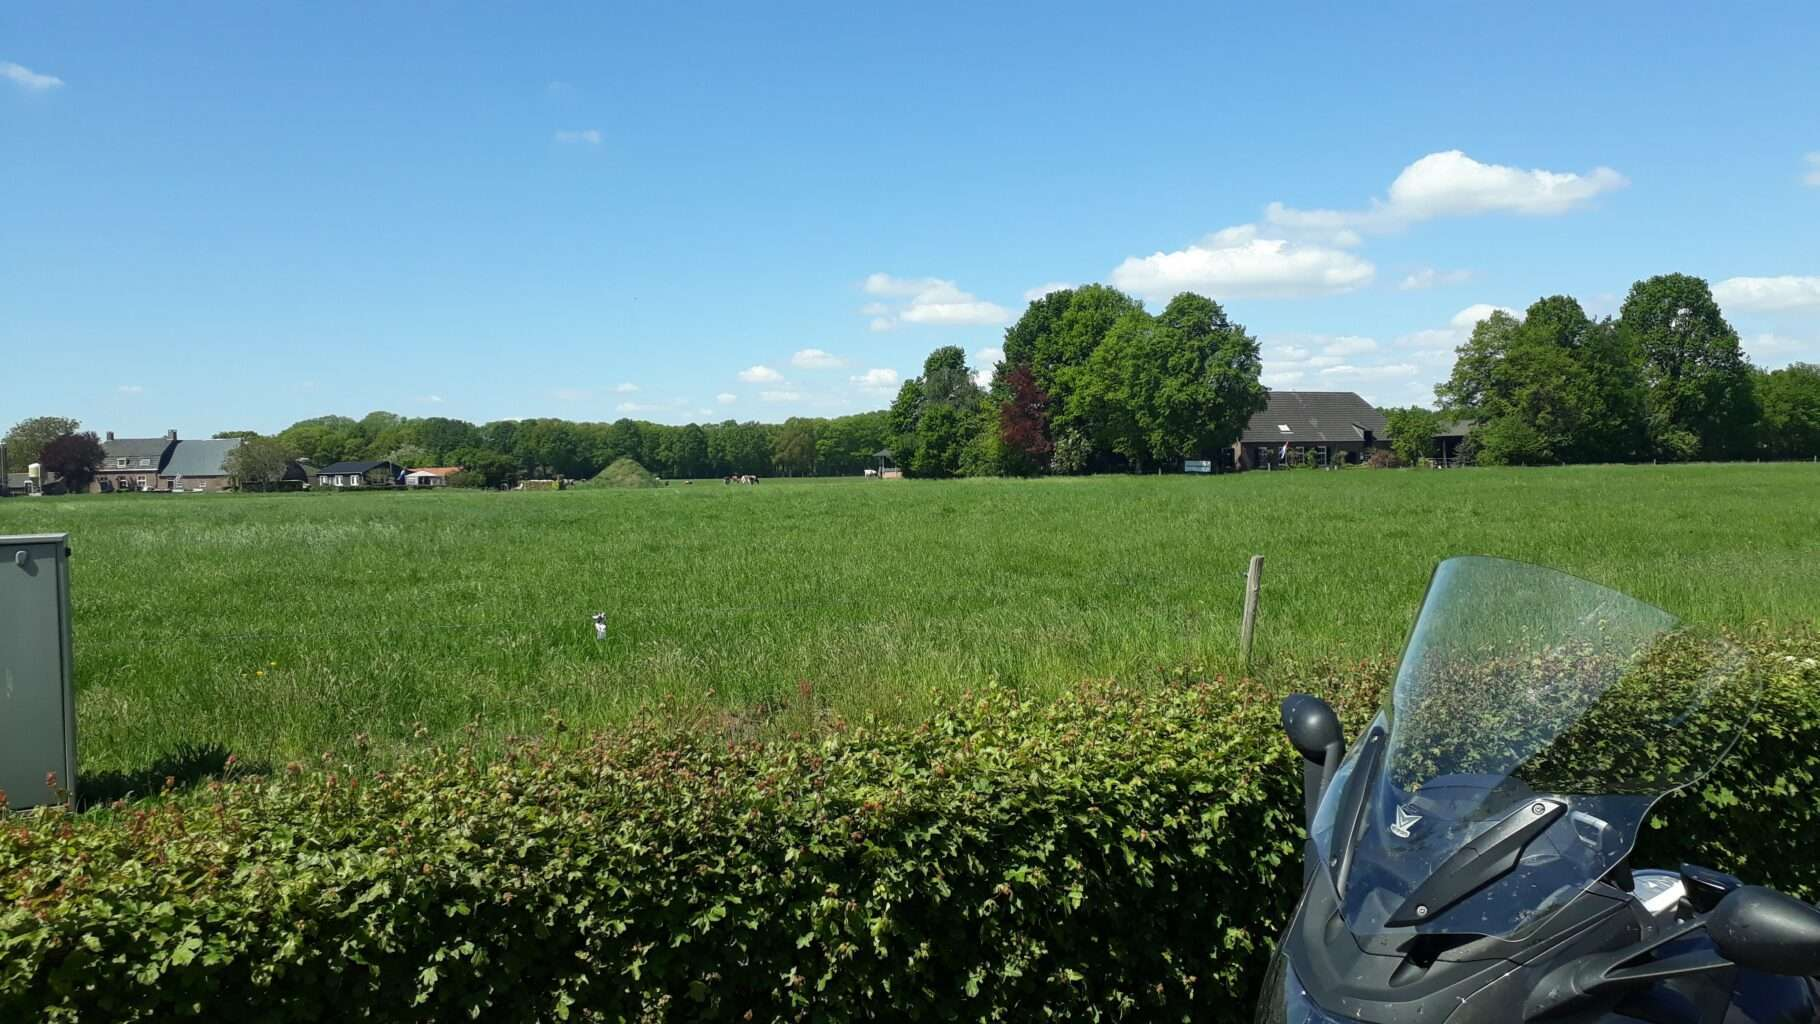 Rondje 's-Hertogenbosch